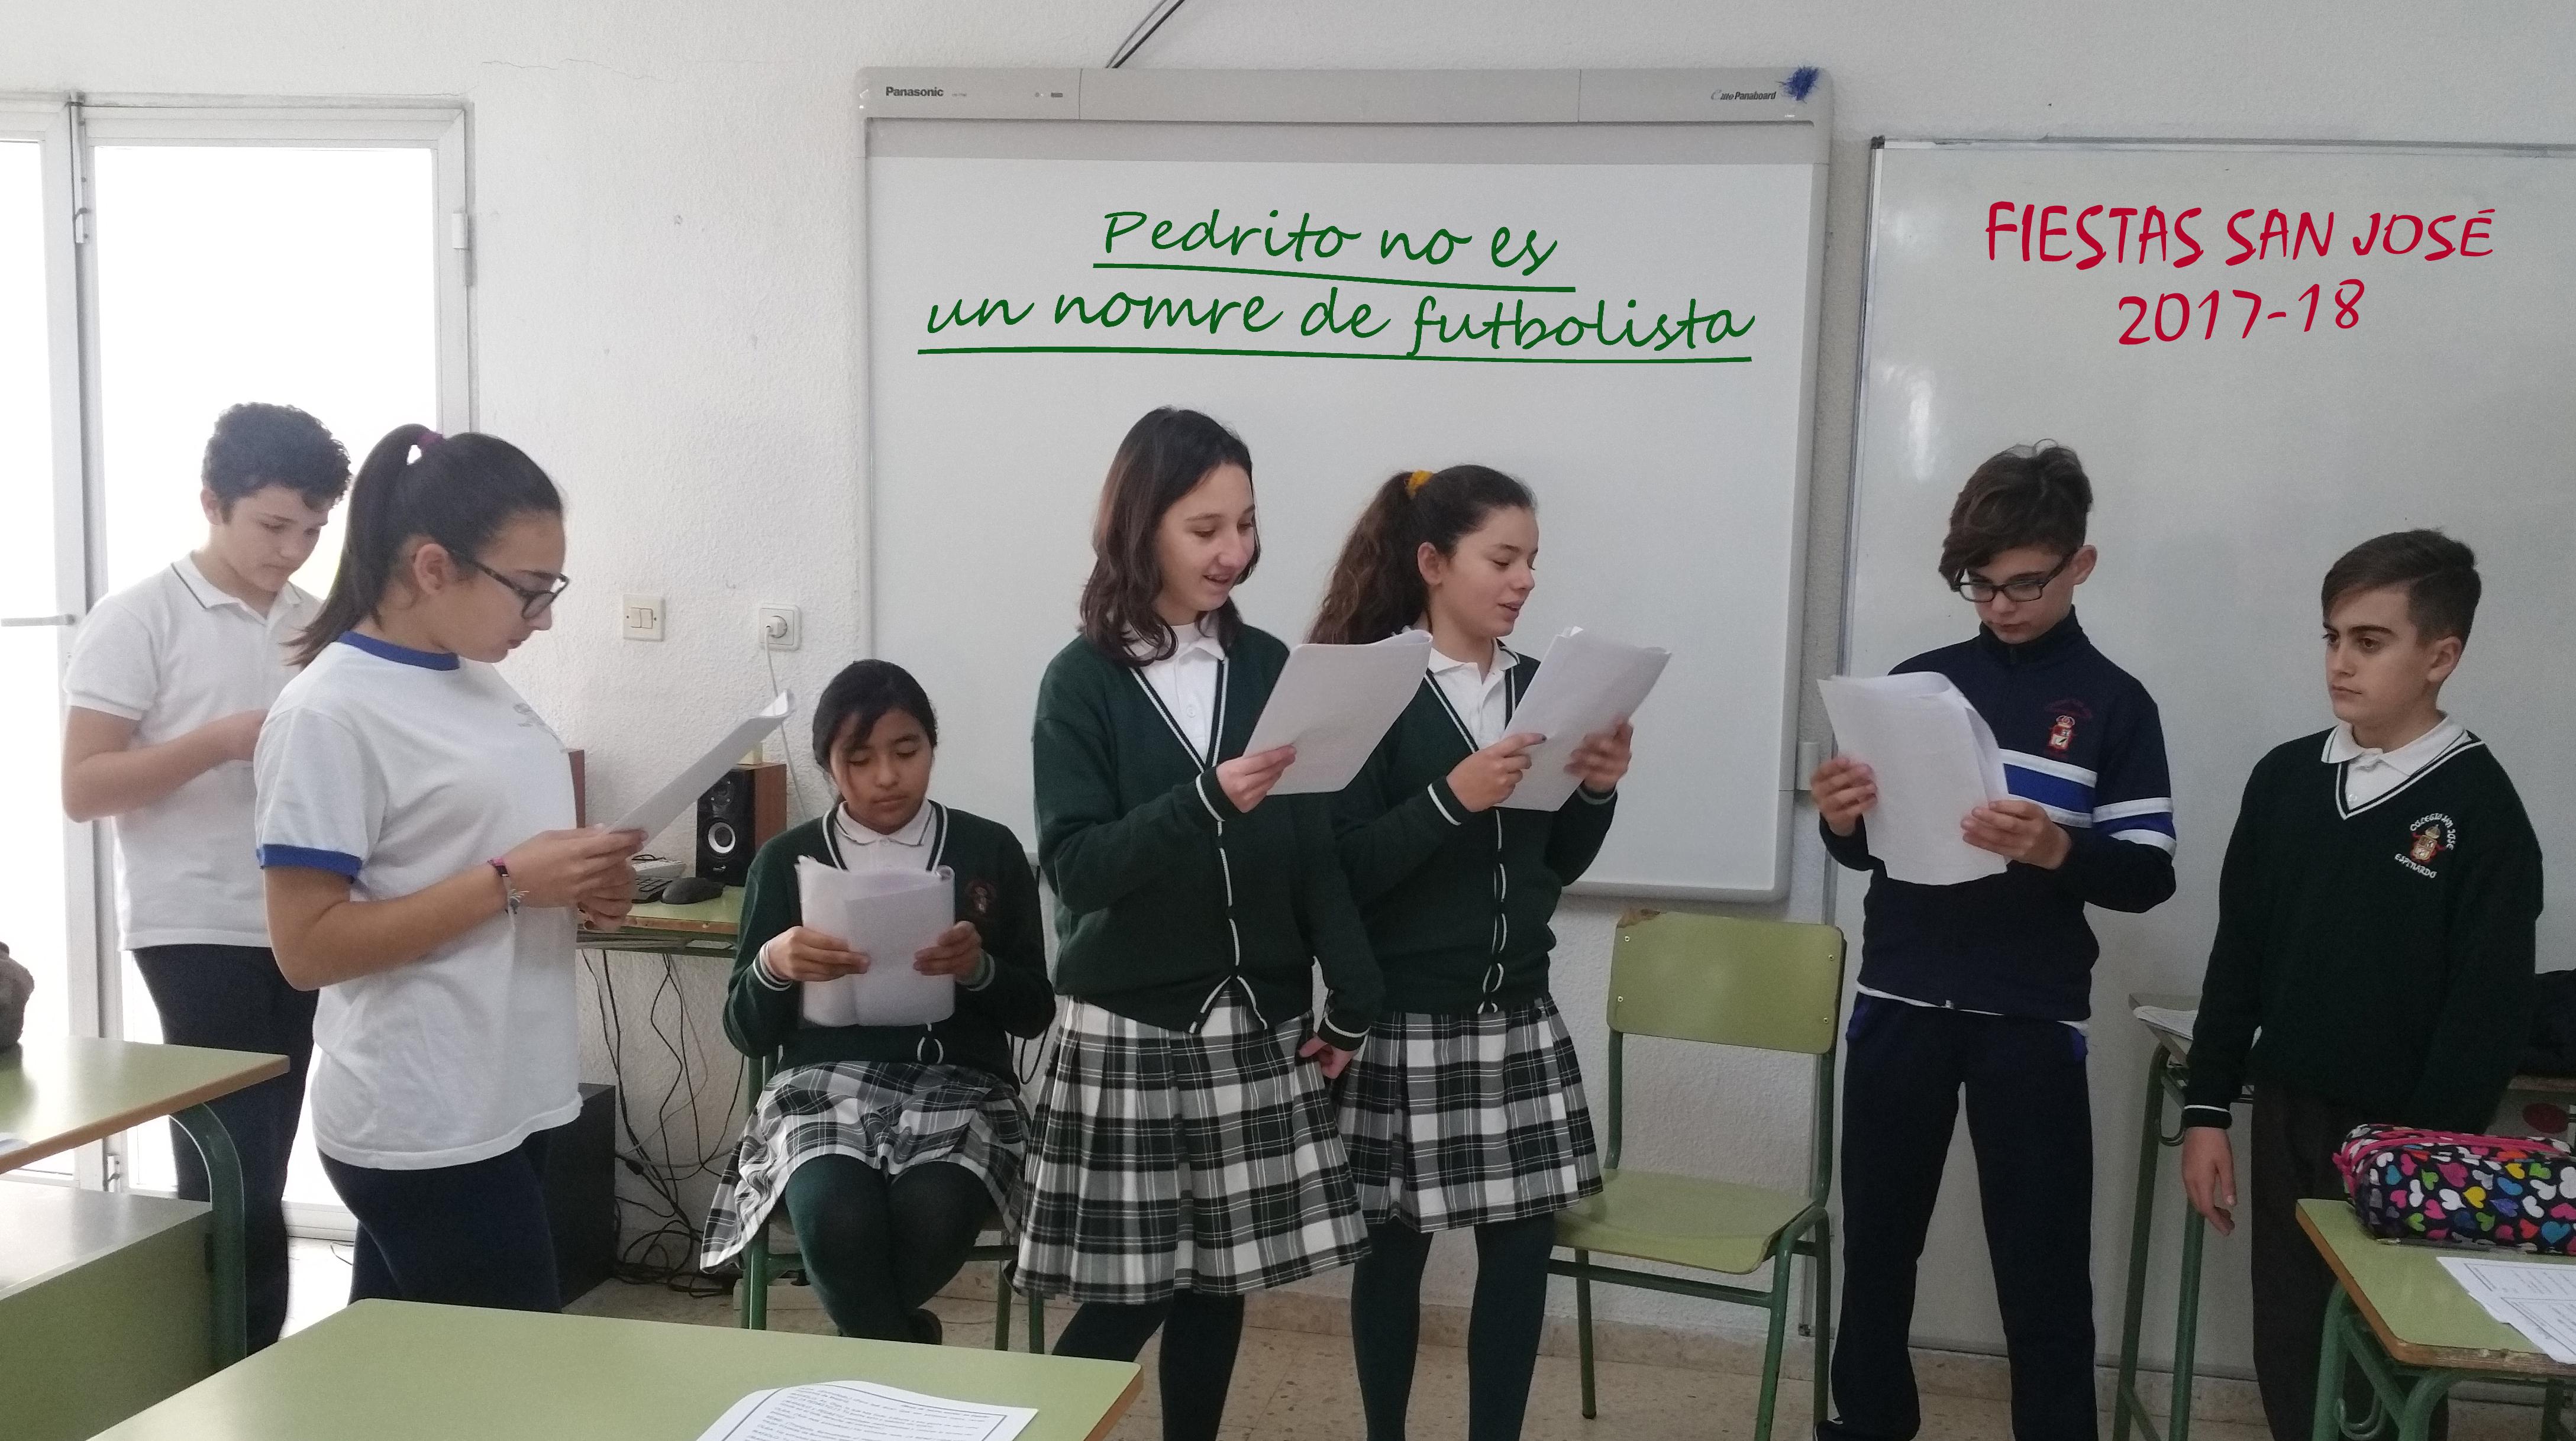 Los alumnos de 1º ESO (B) representan la obra 'Pedrito no es un nombre de futbolista'